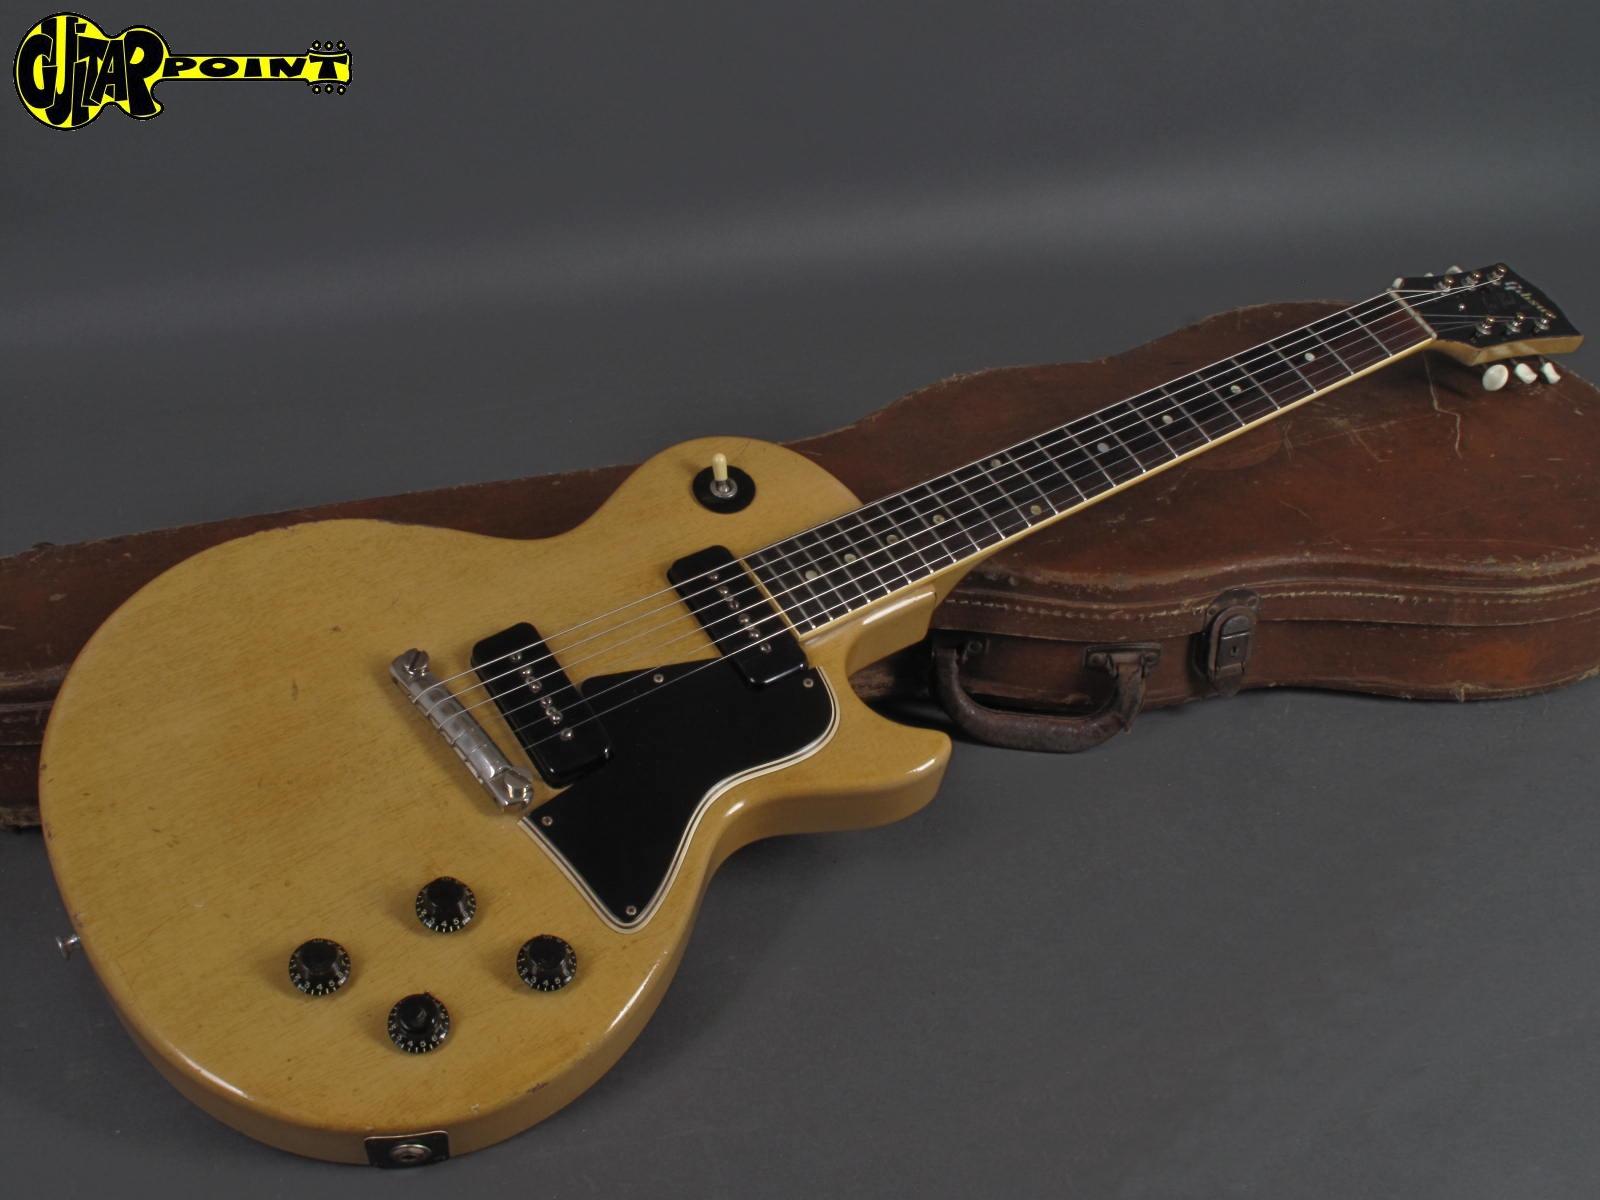 Les Paul Special Tv Yellow : 1956 gibson les paul special tv yellow vi56gilpspctv69831x ~ Vivirlamusica.com Haus und Dekorationen